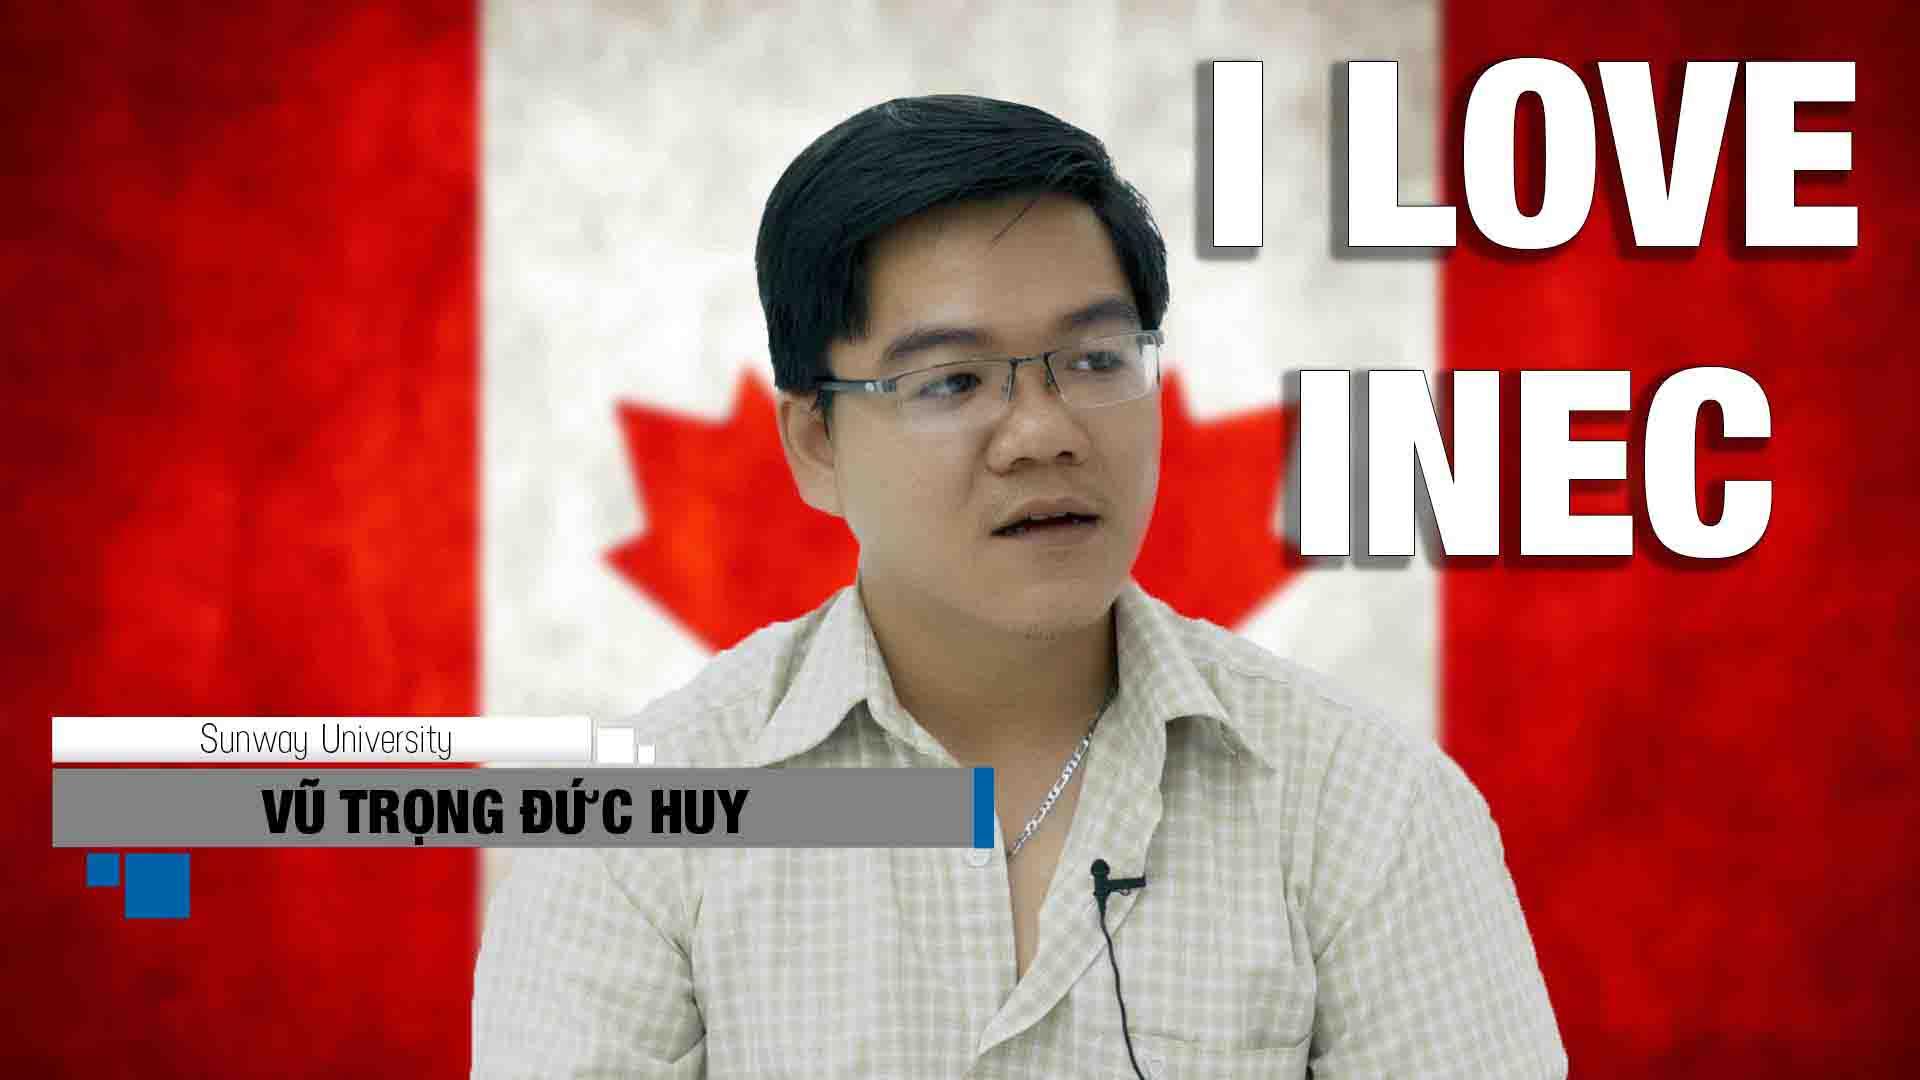 Du học Malaysia chương trình CIMP tại Đại học Sunway là một bước đệm vững chắc để du học Canada, Mỹ khi bạn có hồ sơ không quá đẹp hoặc khó chứng minh tài chính. Cũng giống như nhiều bạn khác, Vũ Trọng Đức Huy cũng đã thành công chuyển tiếp Canada để hoàn thành mục tiêu học tập của mình. Tính đến thời điểm hiện tại, 100% HSSV Việt Nam đã chuyển tiếp các nước thành công nhờ CIMP và giành nhiều suất học bổng hấp dẫn của trường đại học Anh, Mỹ, Úc.